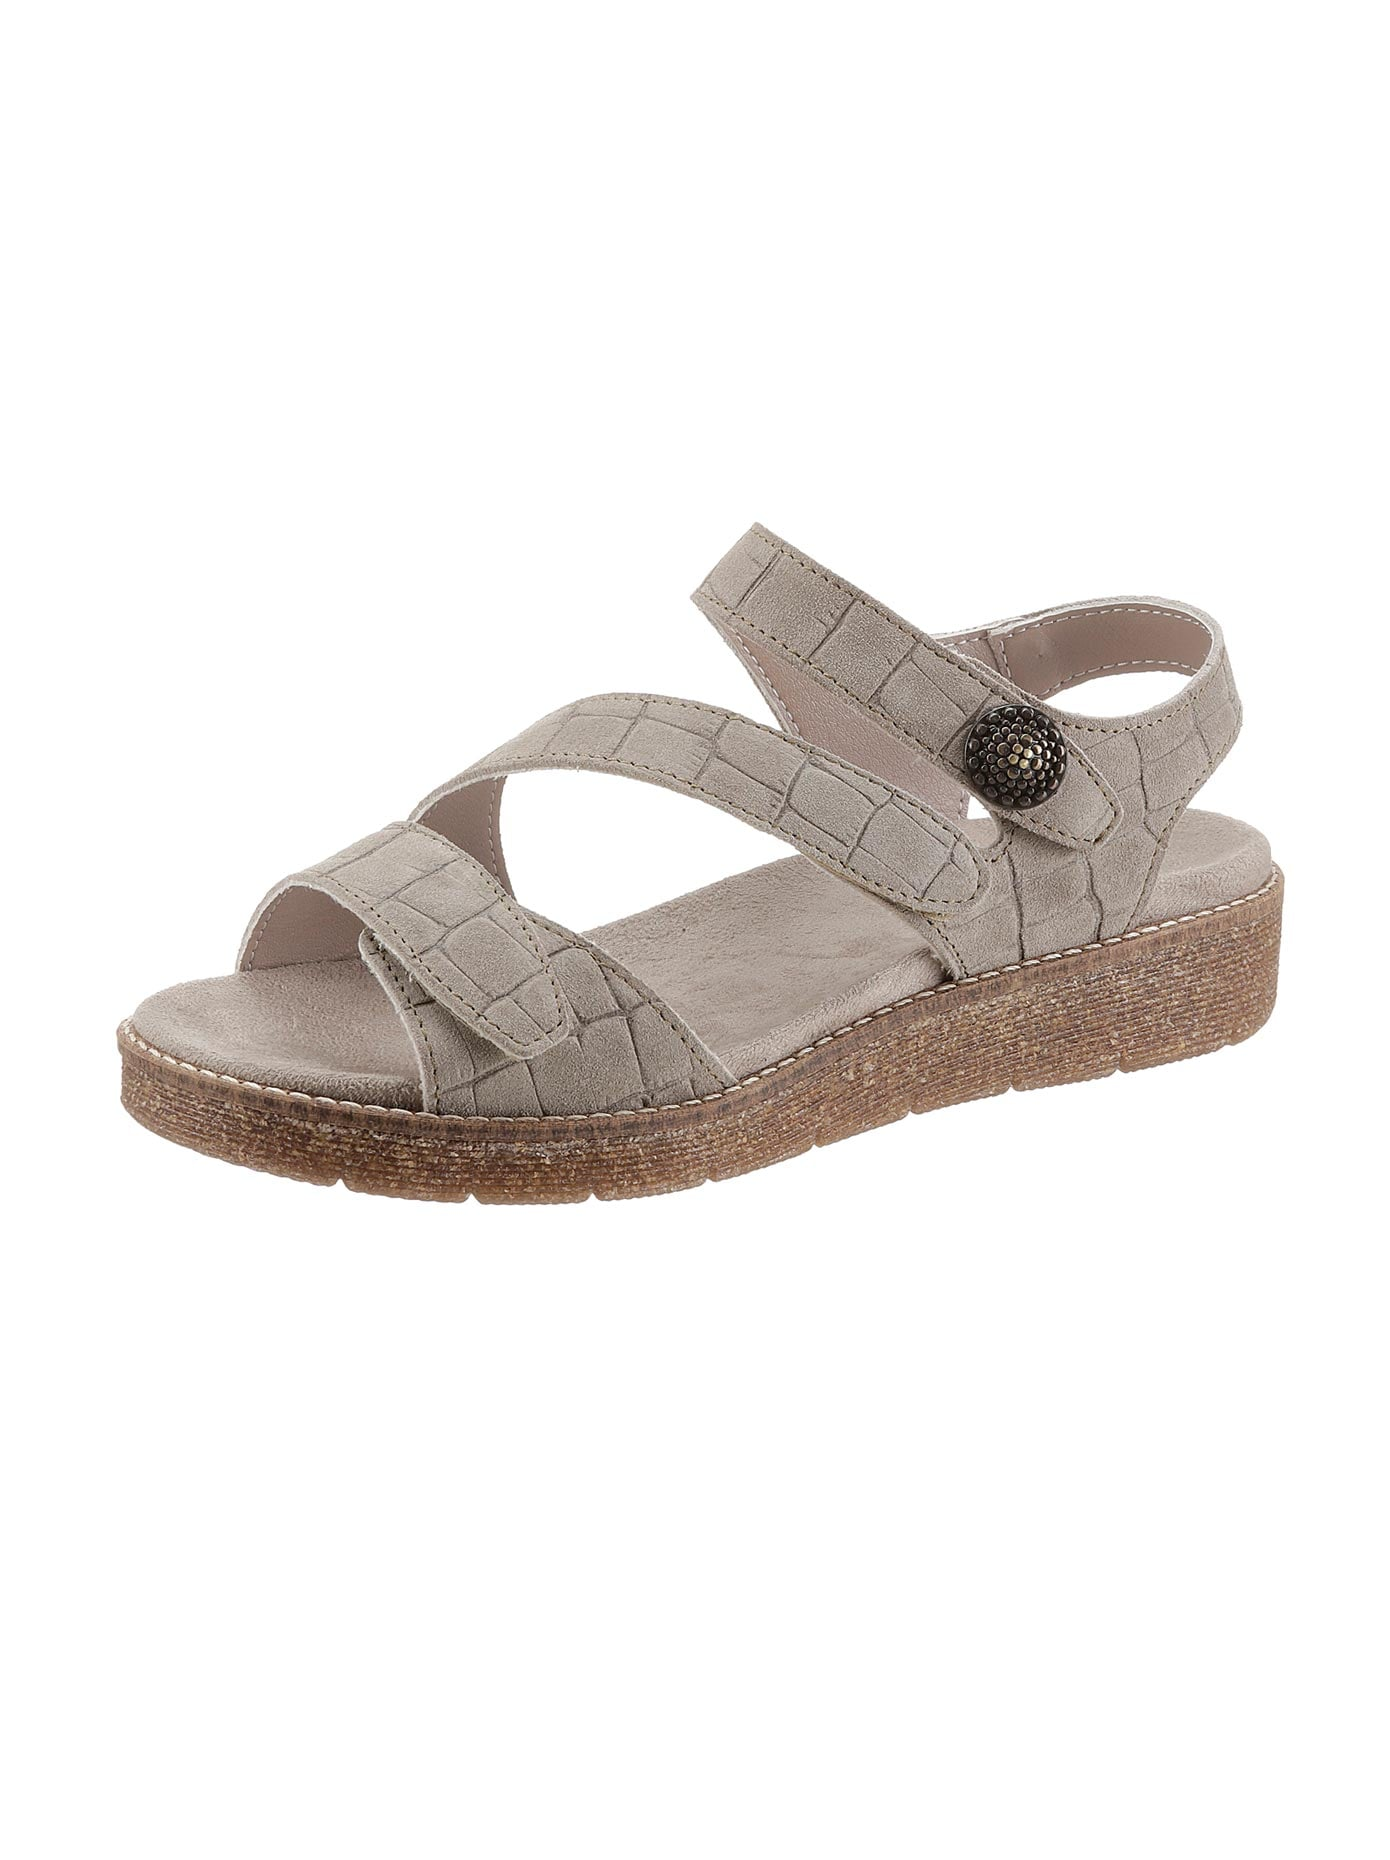 Aco Sandalette grün Damen Sandaletten Sandalen